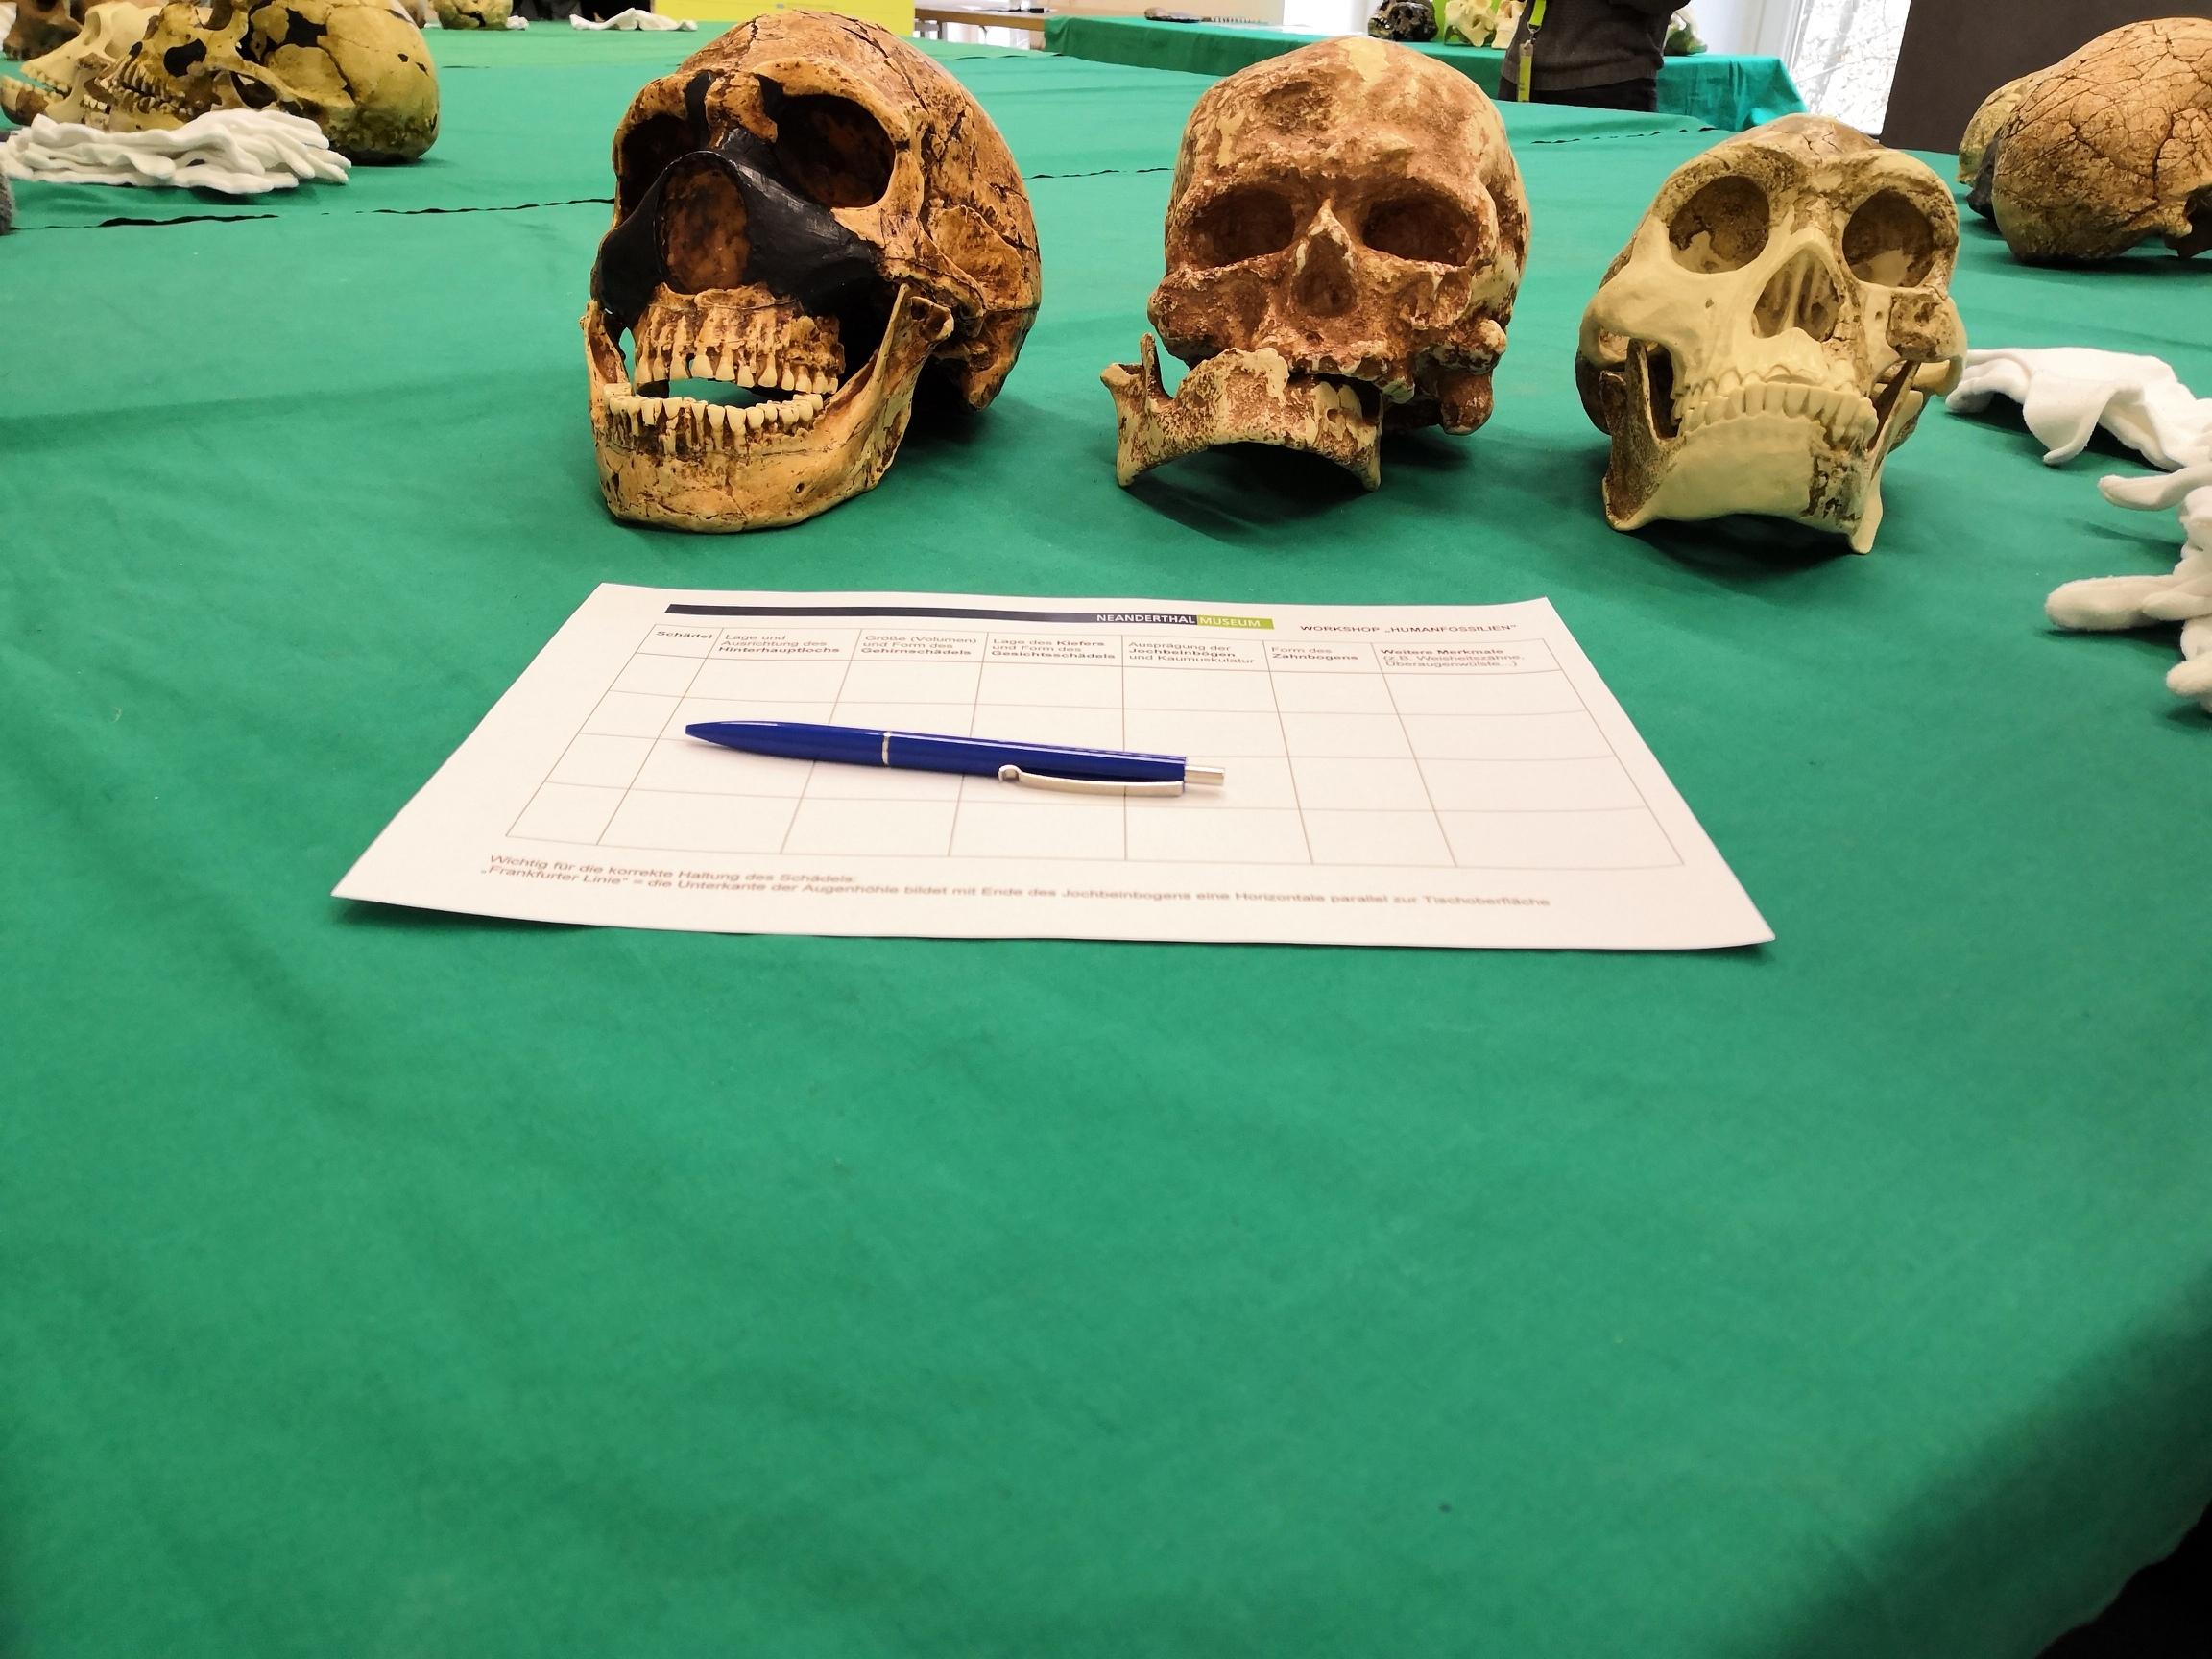 Schädel und Infozettel auf dem Tisch für Humanfossilien Workshop